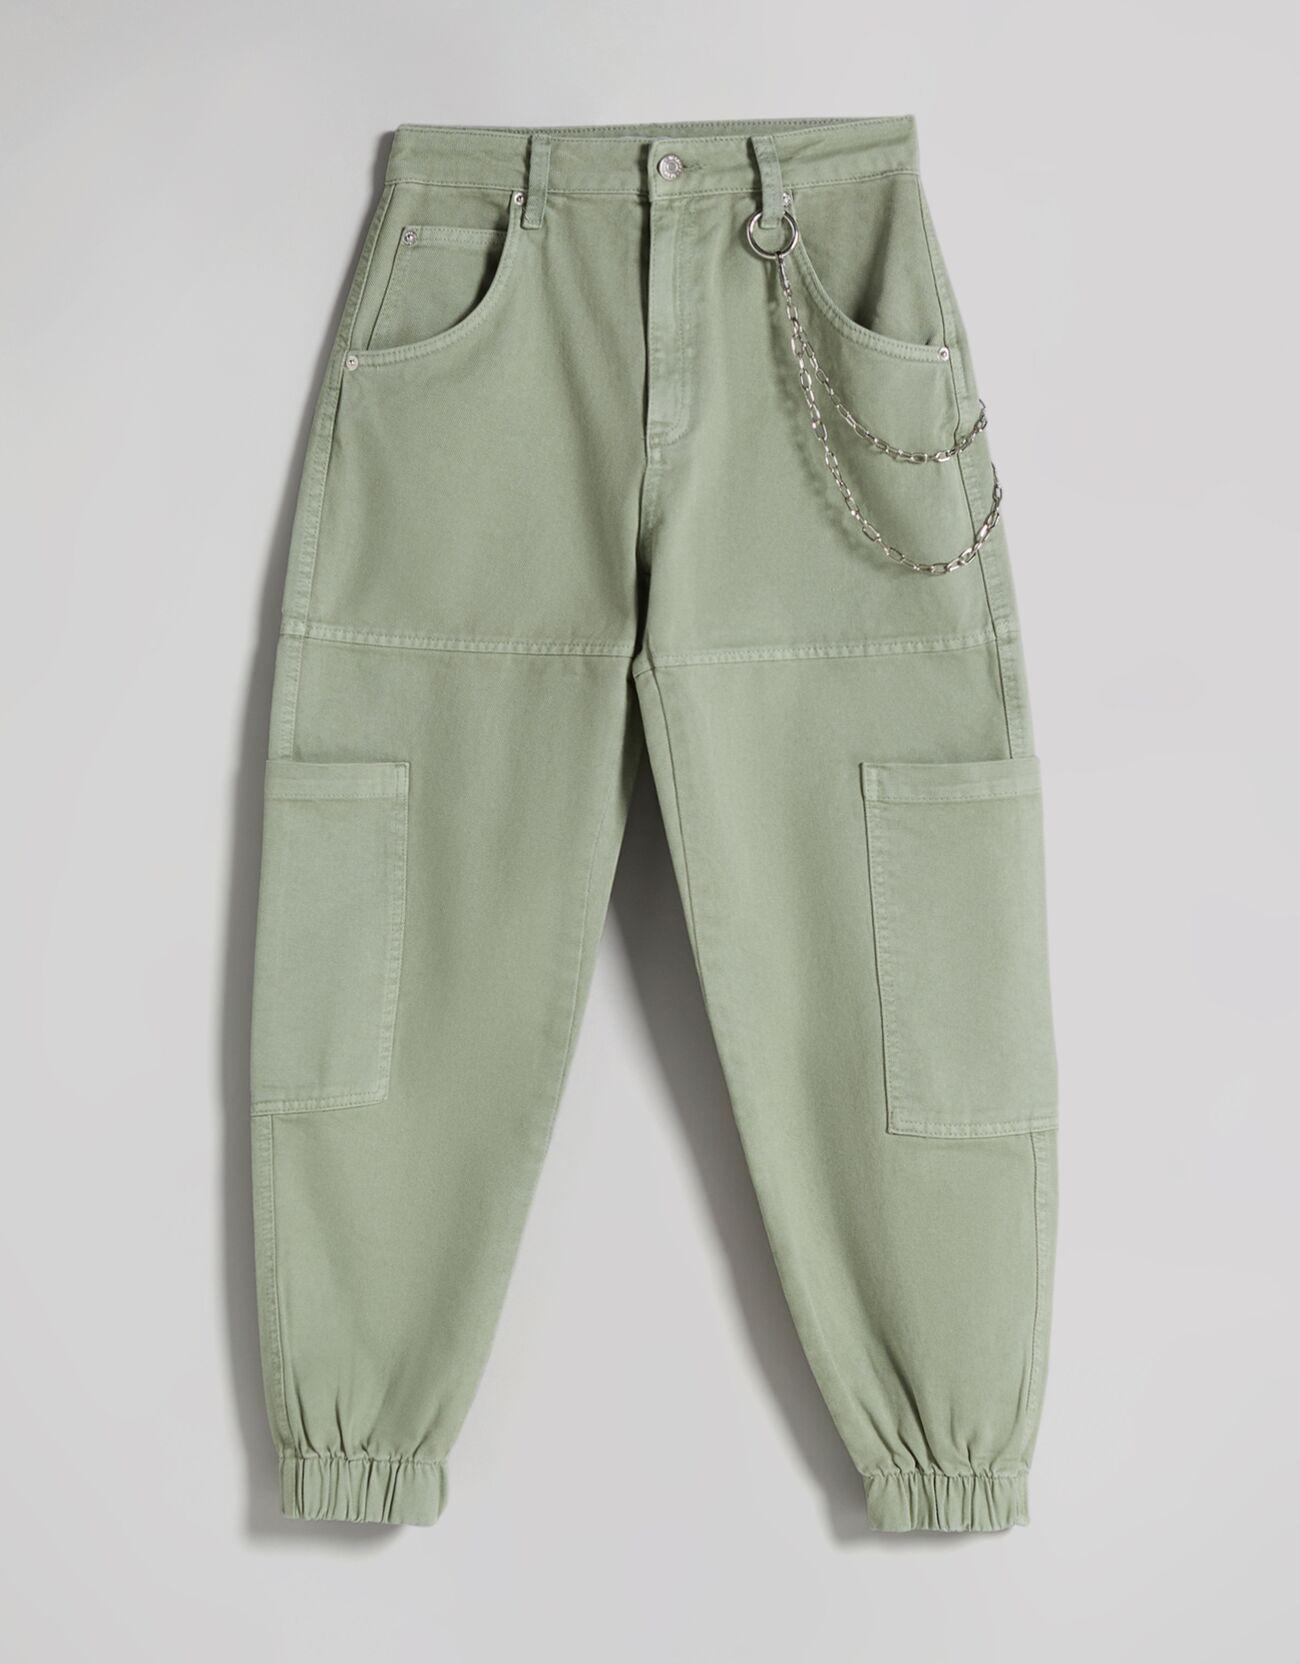 Pantalón jogger cargo algodón cadena.